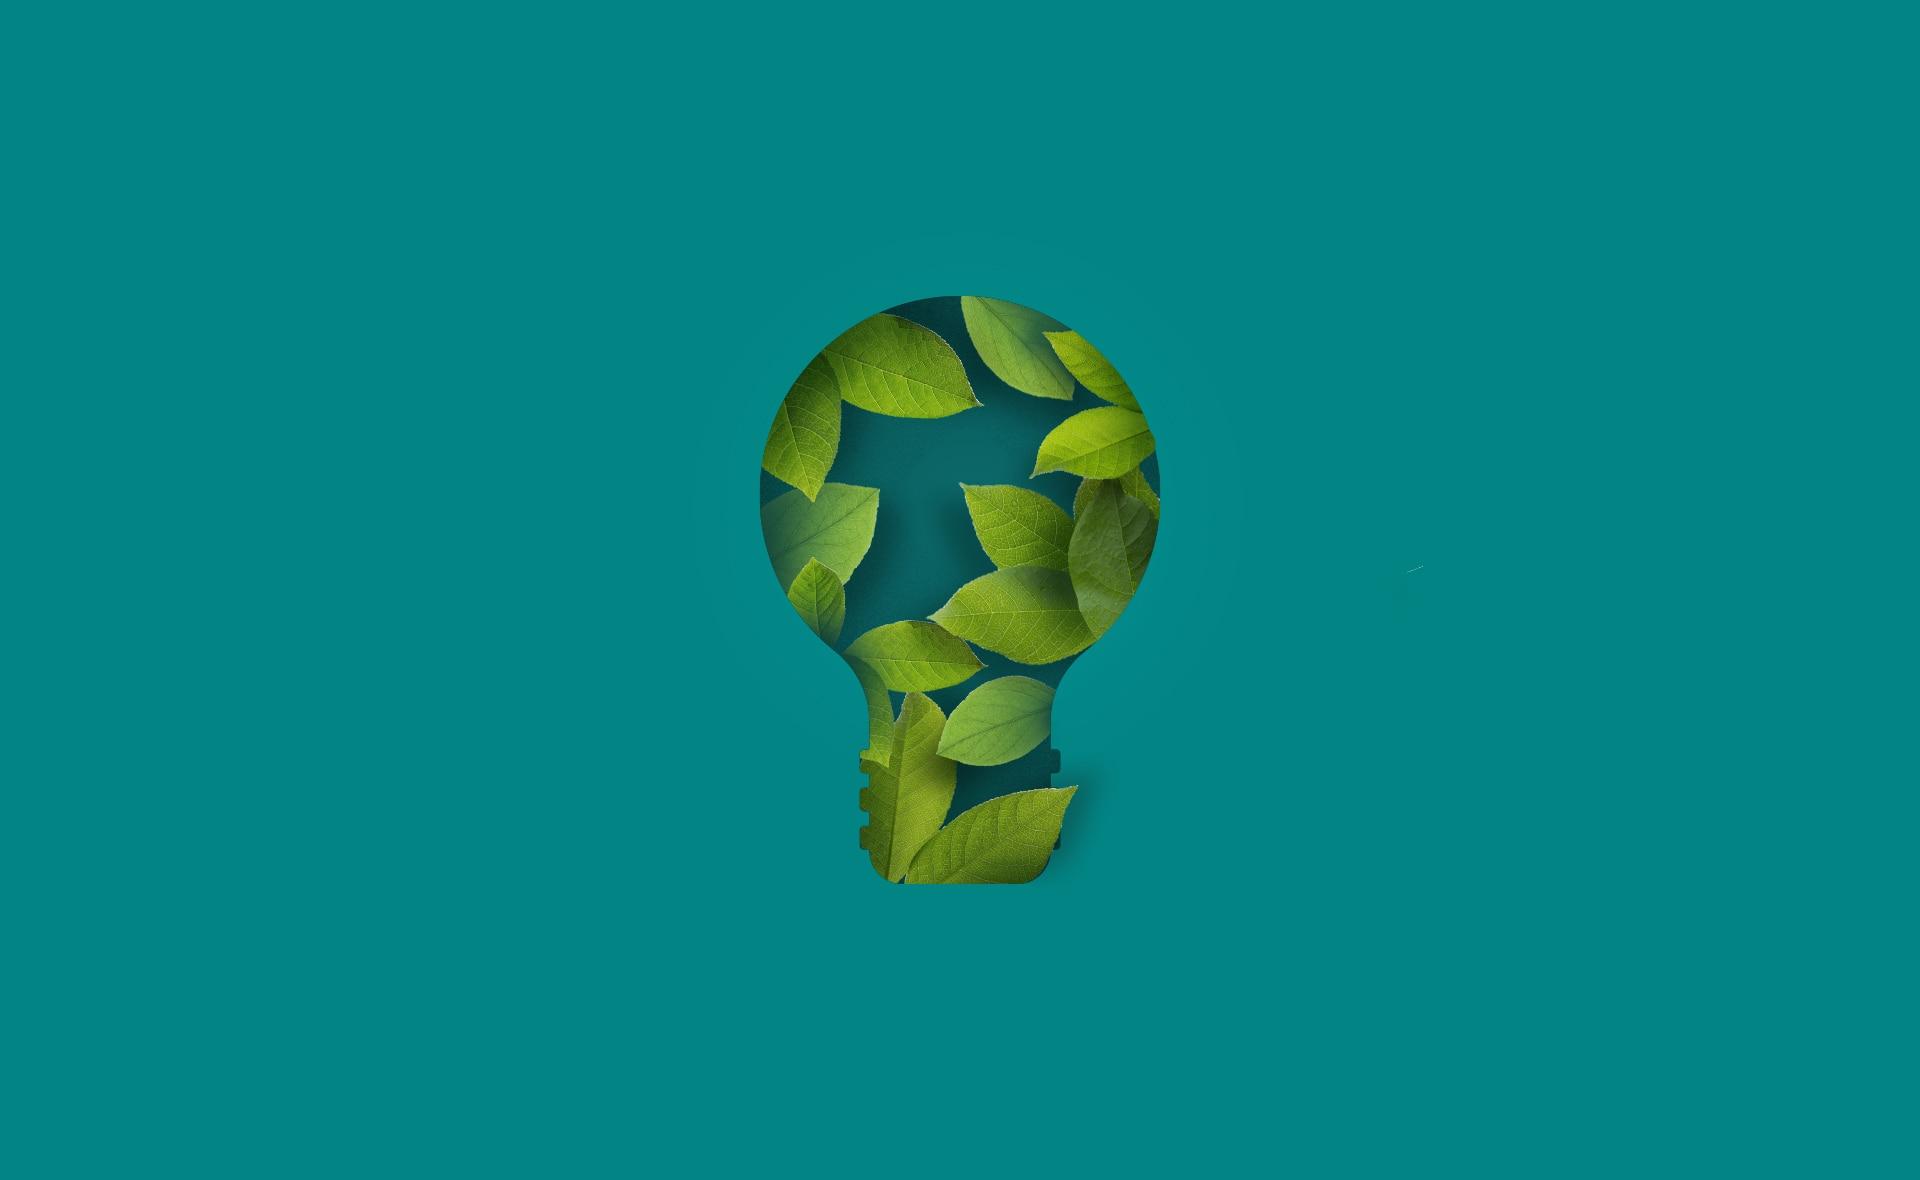 EFICIENCIA-ENERGÉTICA-Stratenergy-sostenibilidad-bombilla-luz-